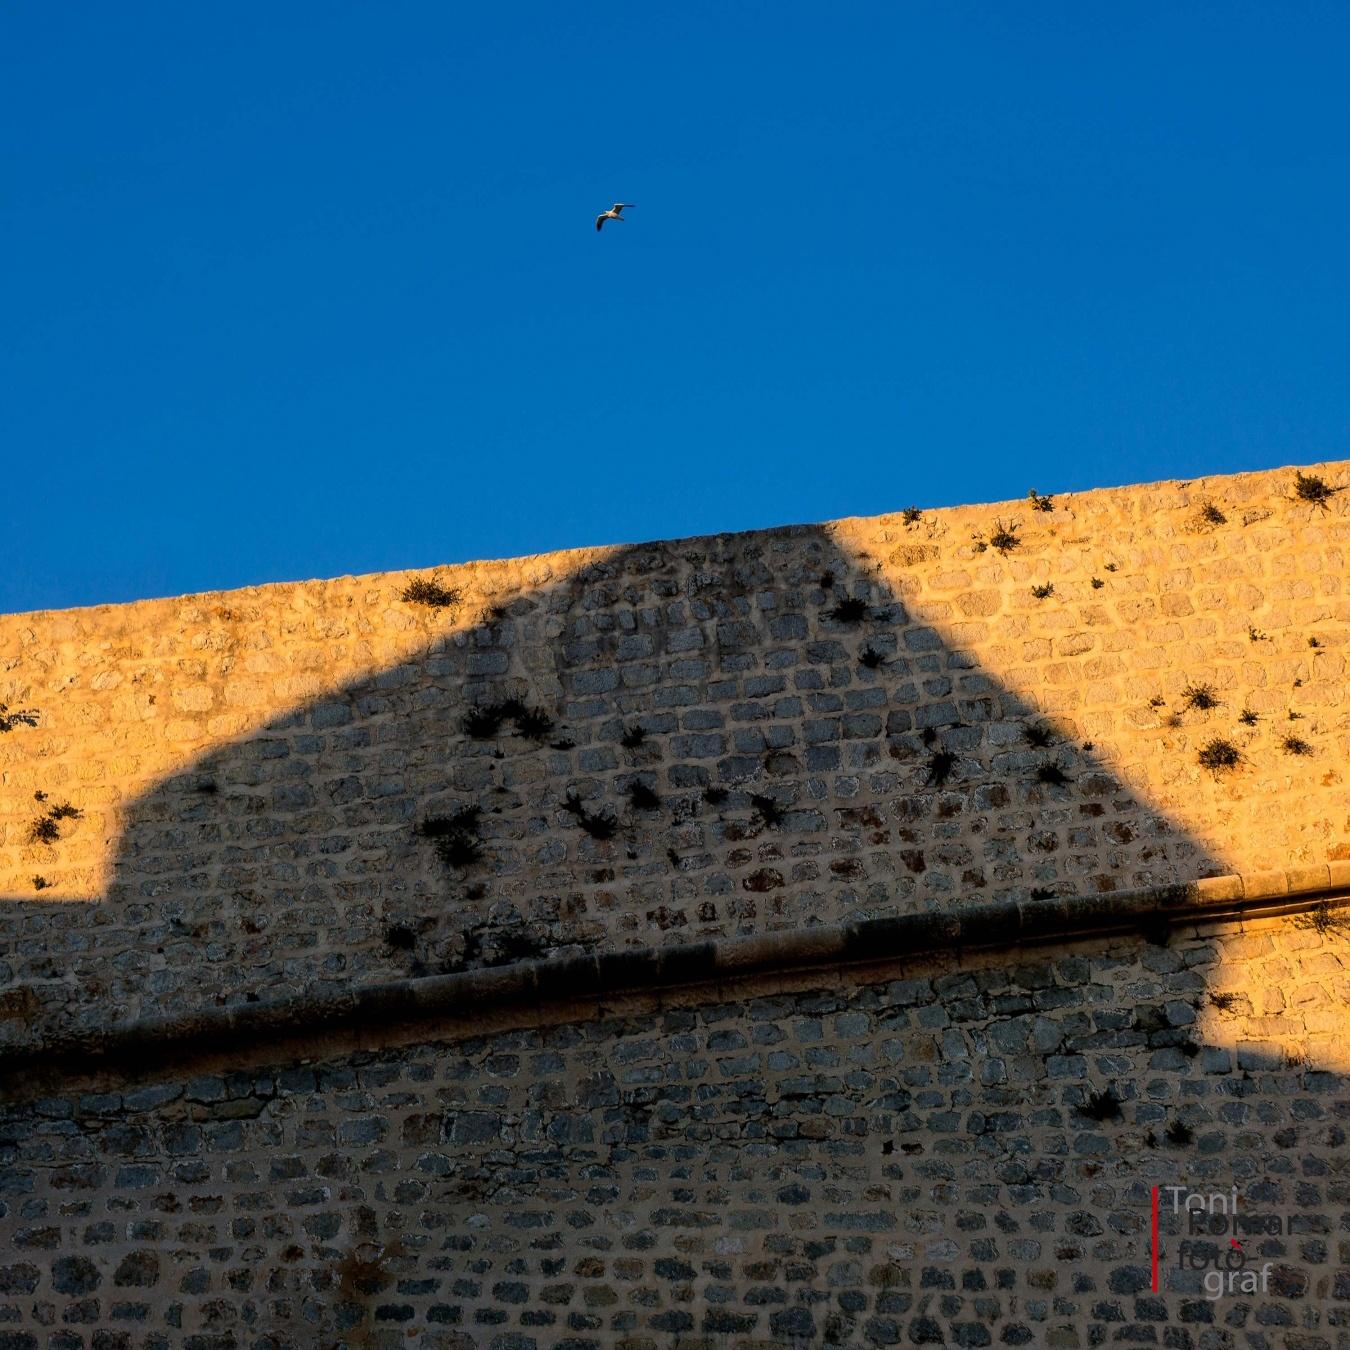 L'ombra del baluard - A cel obert - Toni Pomar. A cel obert